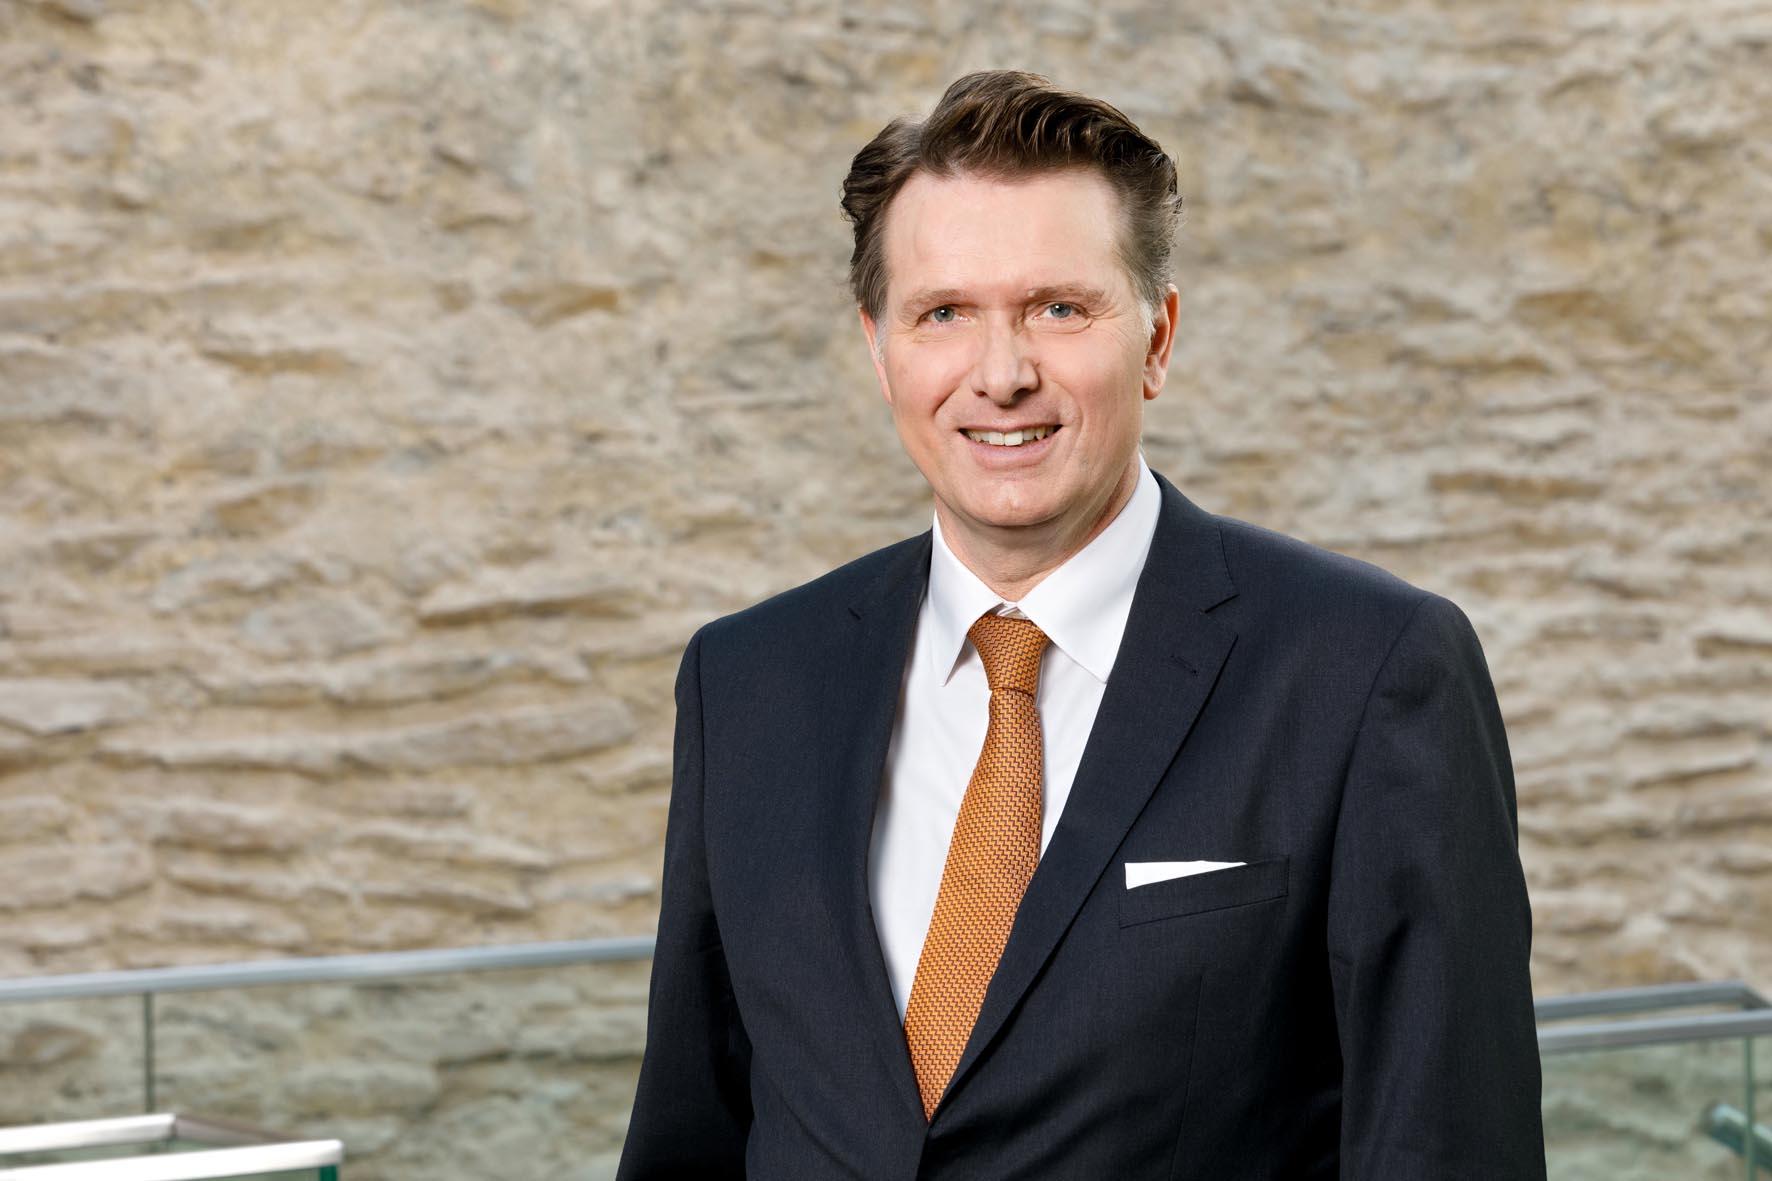 Ostbayerns Wirtschaft ist krisenfest aufgestellt IHK-Hauptgeschäftsführer Dr. Jürgen Helmes über die Auswirkungen des Coronavirus